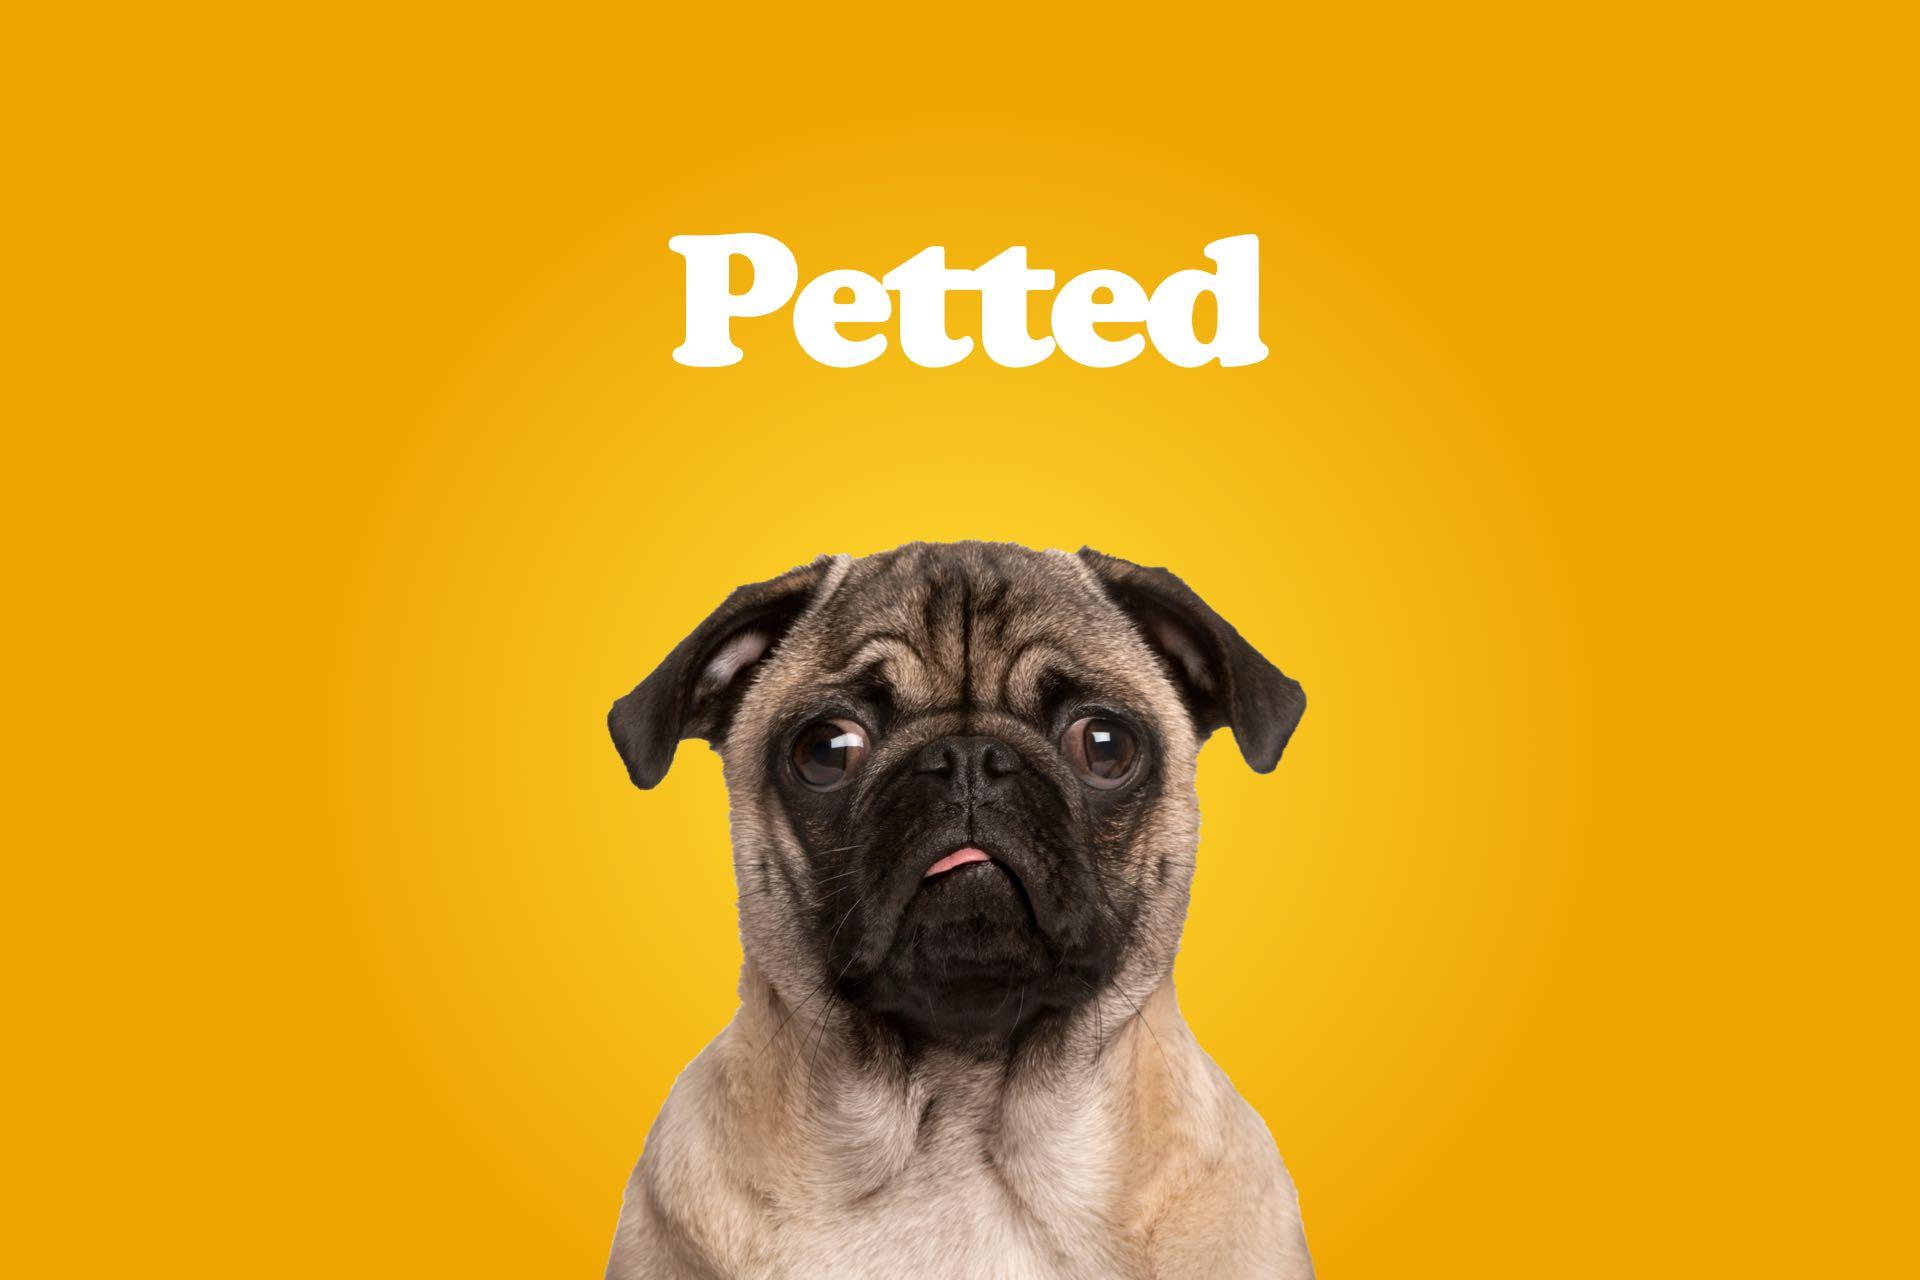 petted-portofolio-yeti-client